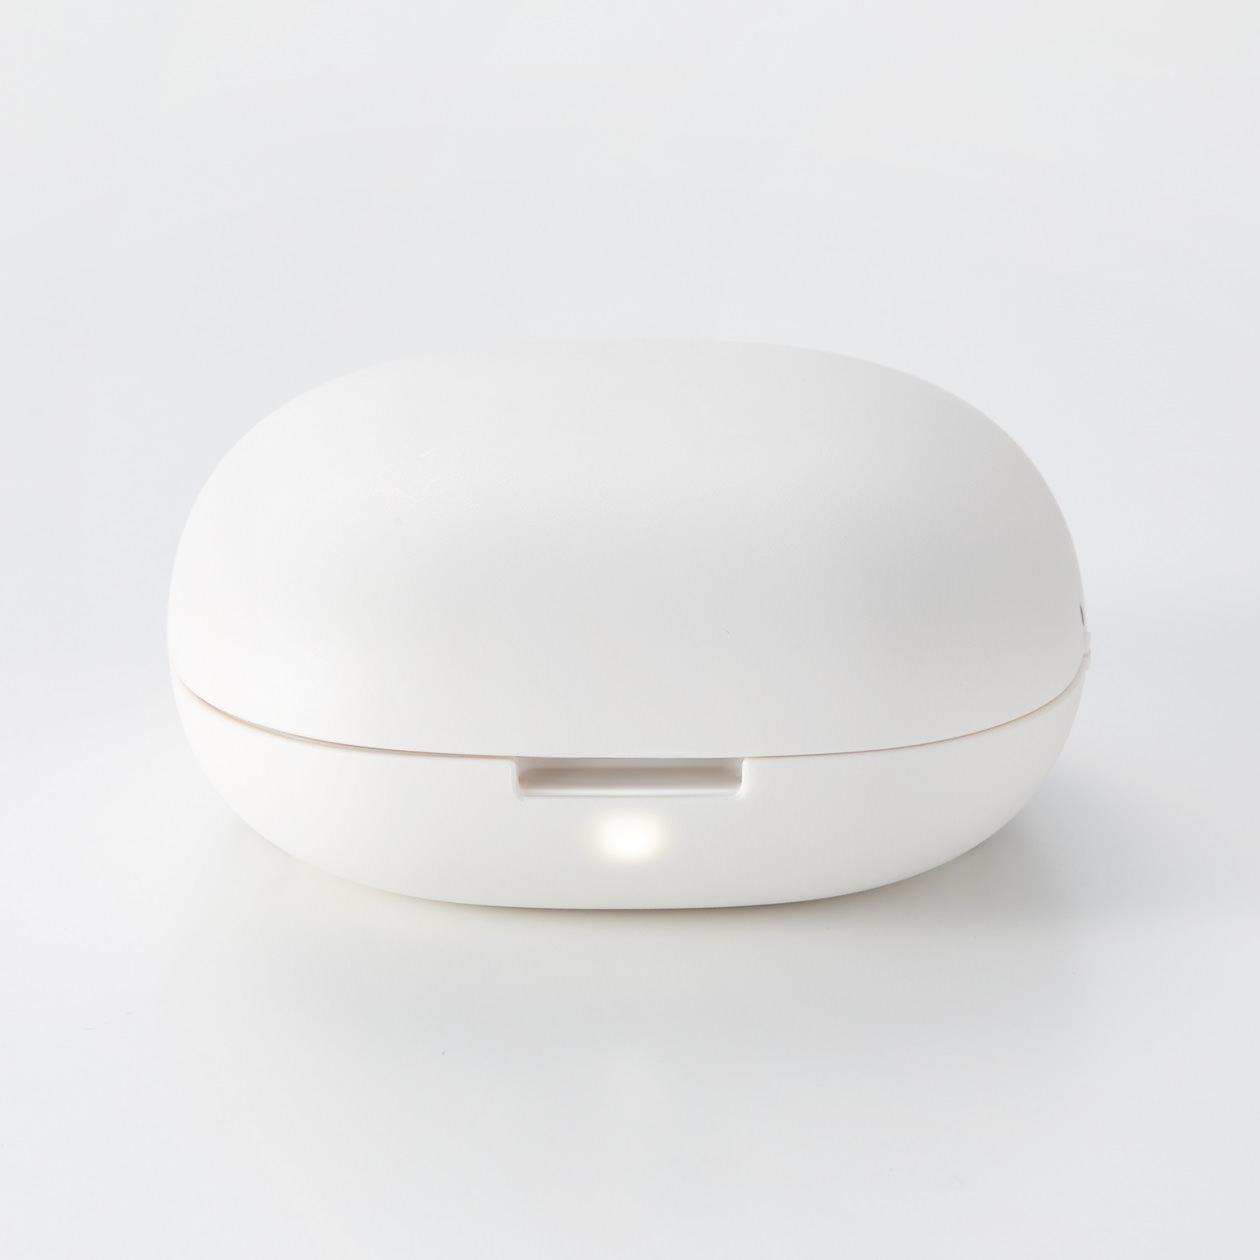 무인양품 포터블 아로마 디퓨저 MJ-PAD1GL, 별매